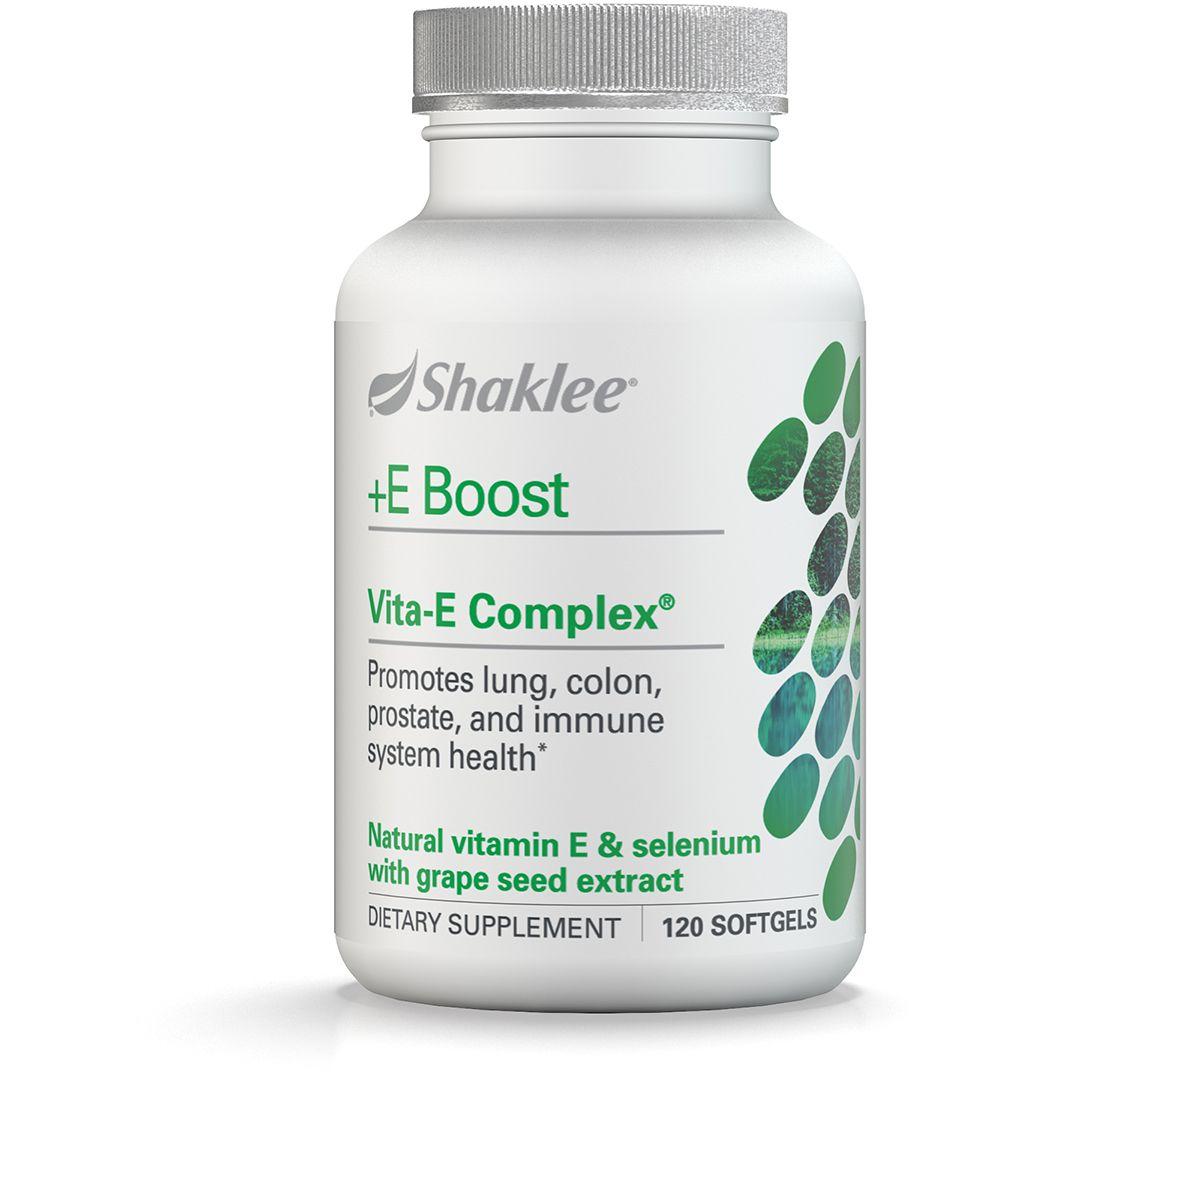 Shaklee Vitamin E Vita E Shaklee Vitamins Vitamins Prenatal Vitamins